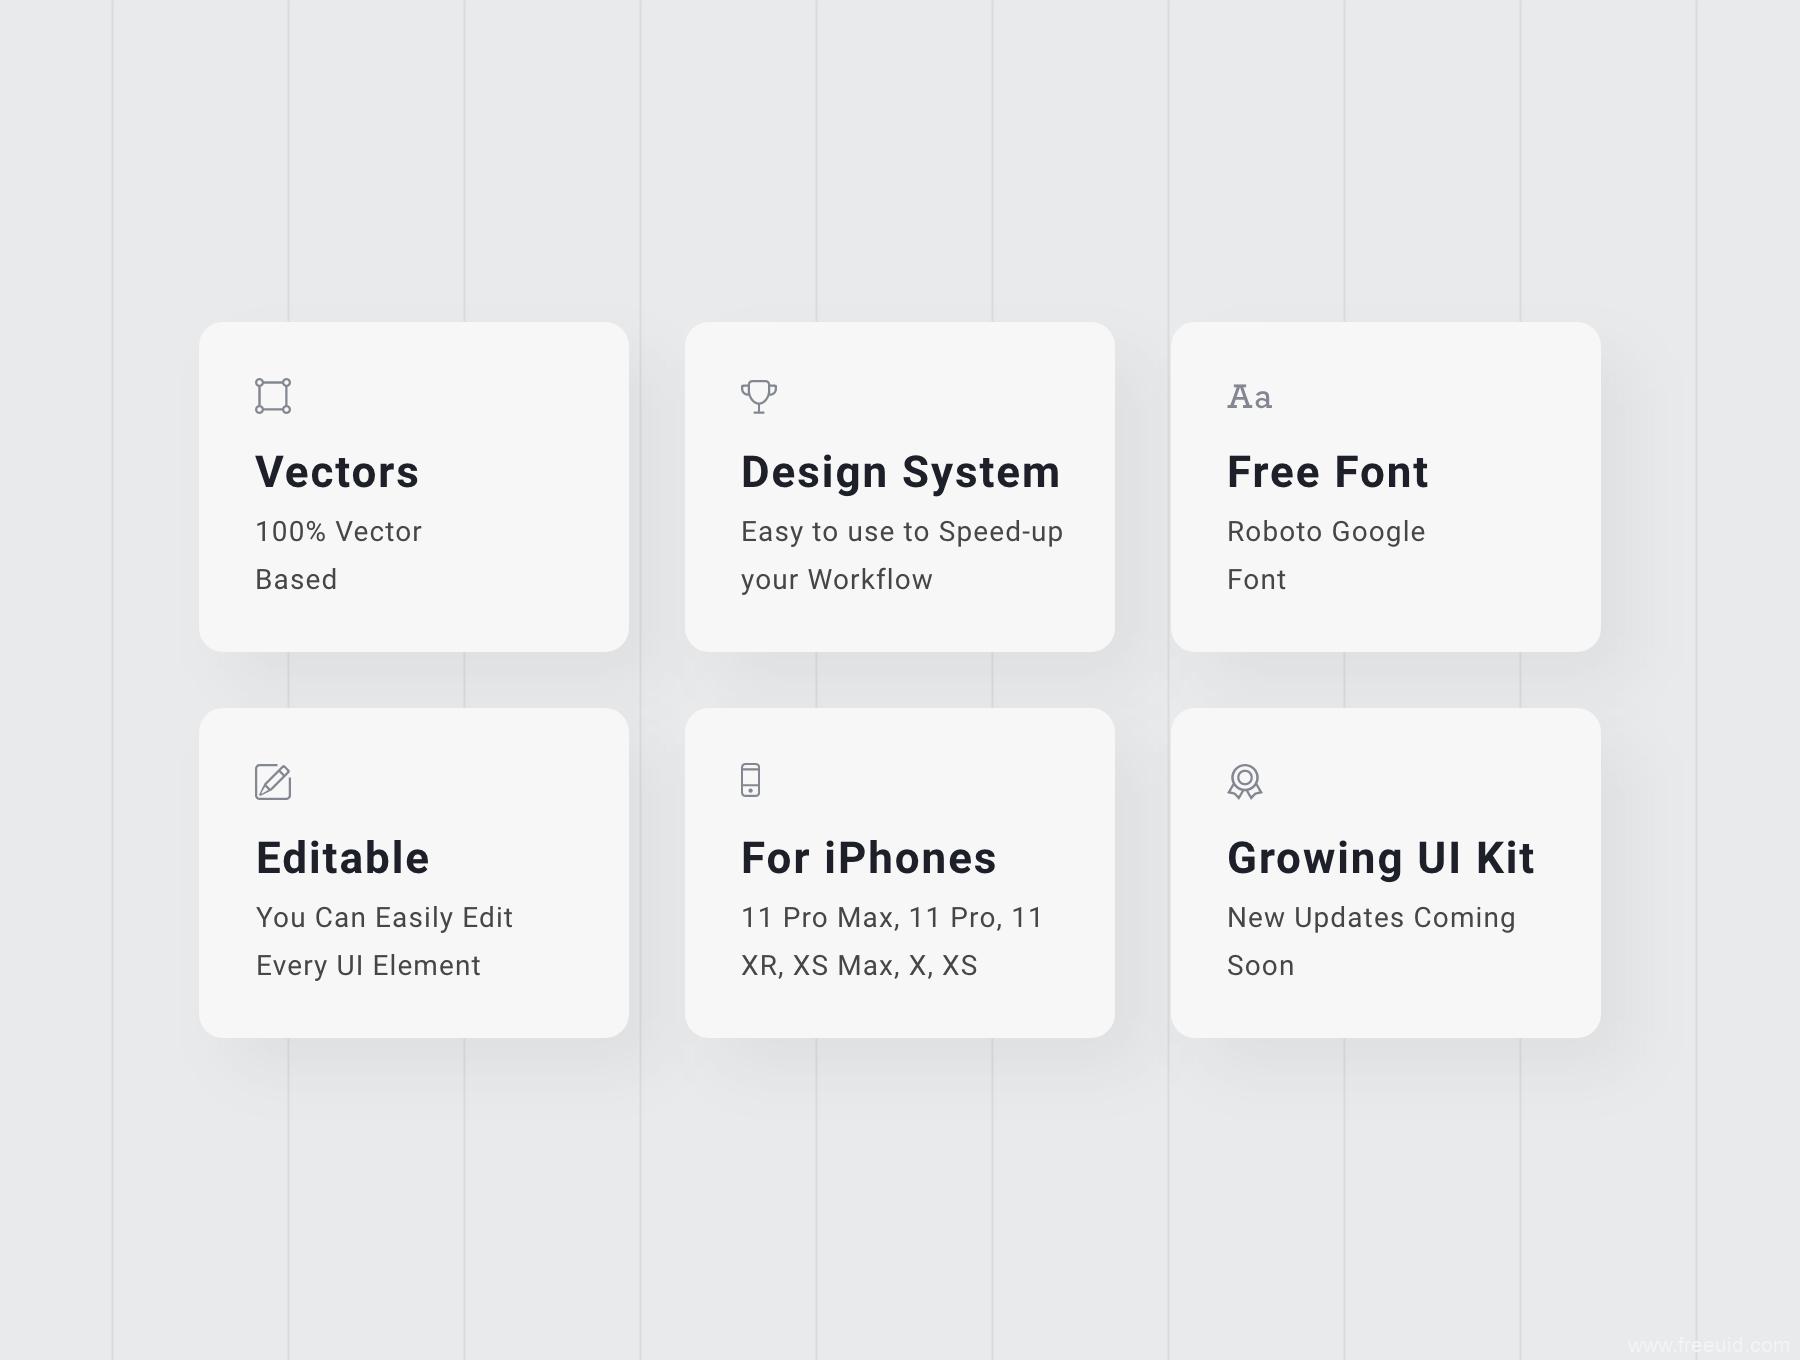 一套清新简约封旅游app UI源文件下载,旅游UI资源下载,网红打卡旅游产品UI素材sketch源文件